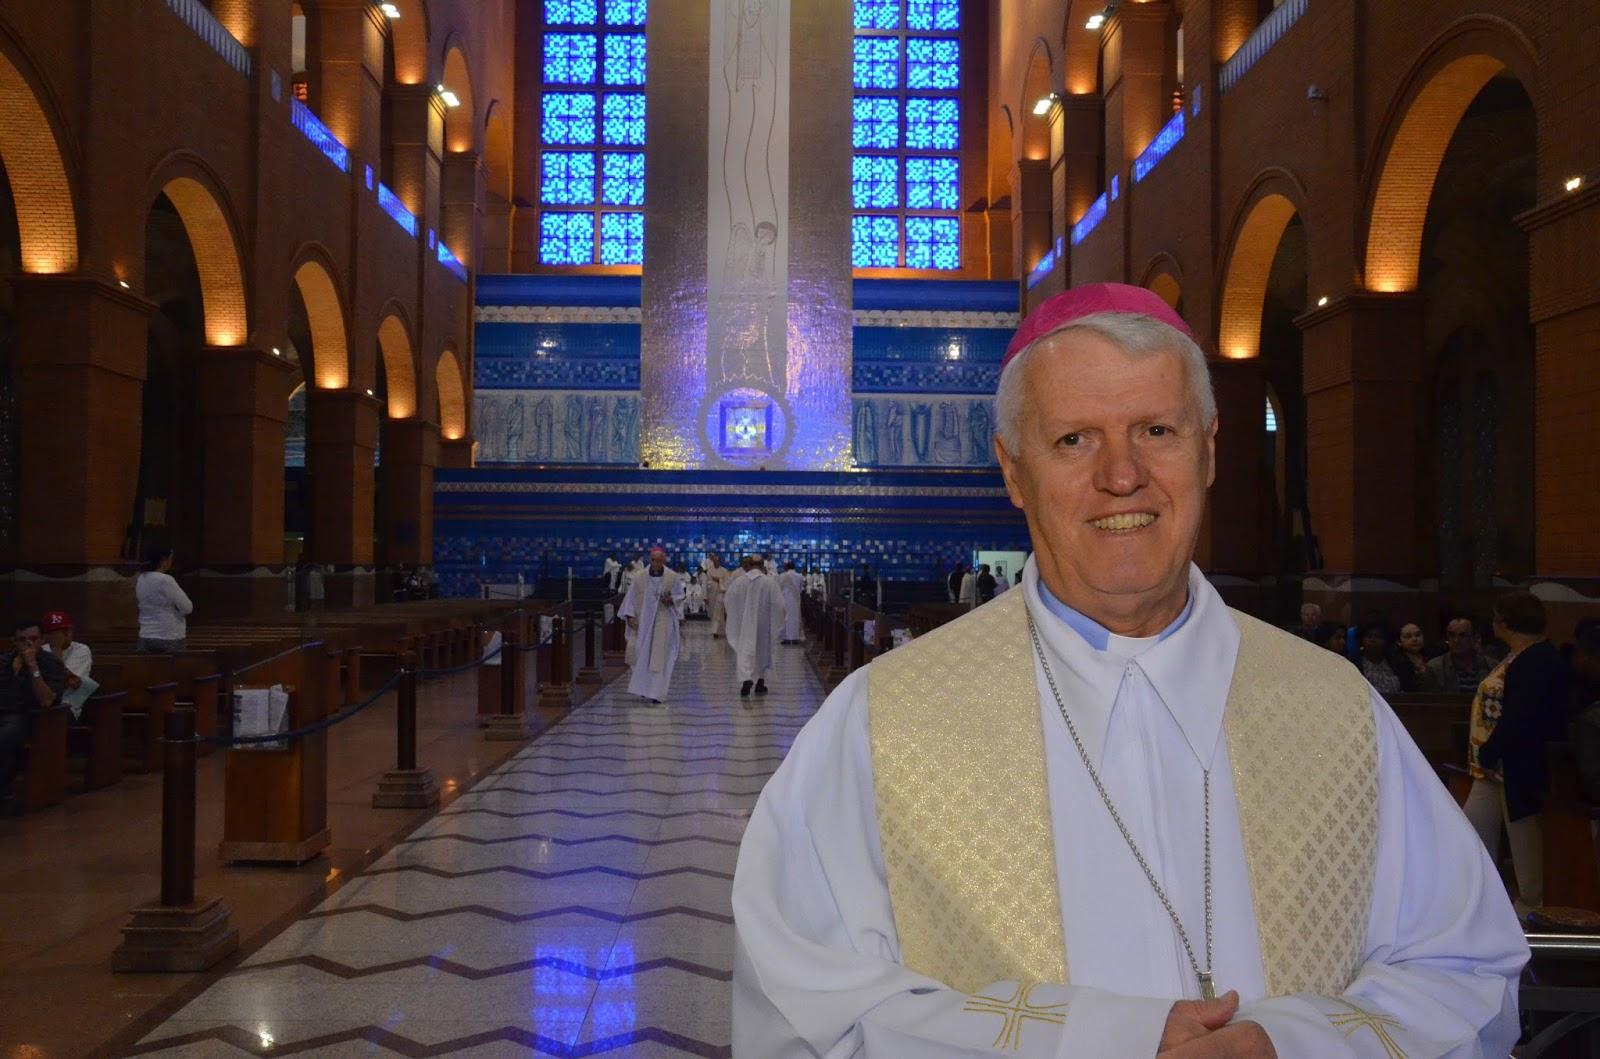 Kết quả hình ảnh cho basilica de nossa senhora aparecida